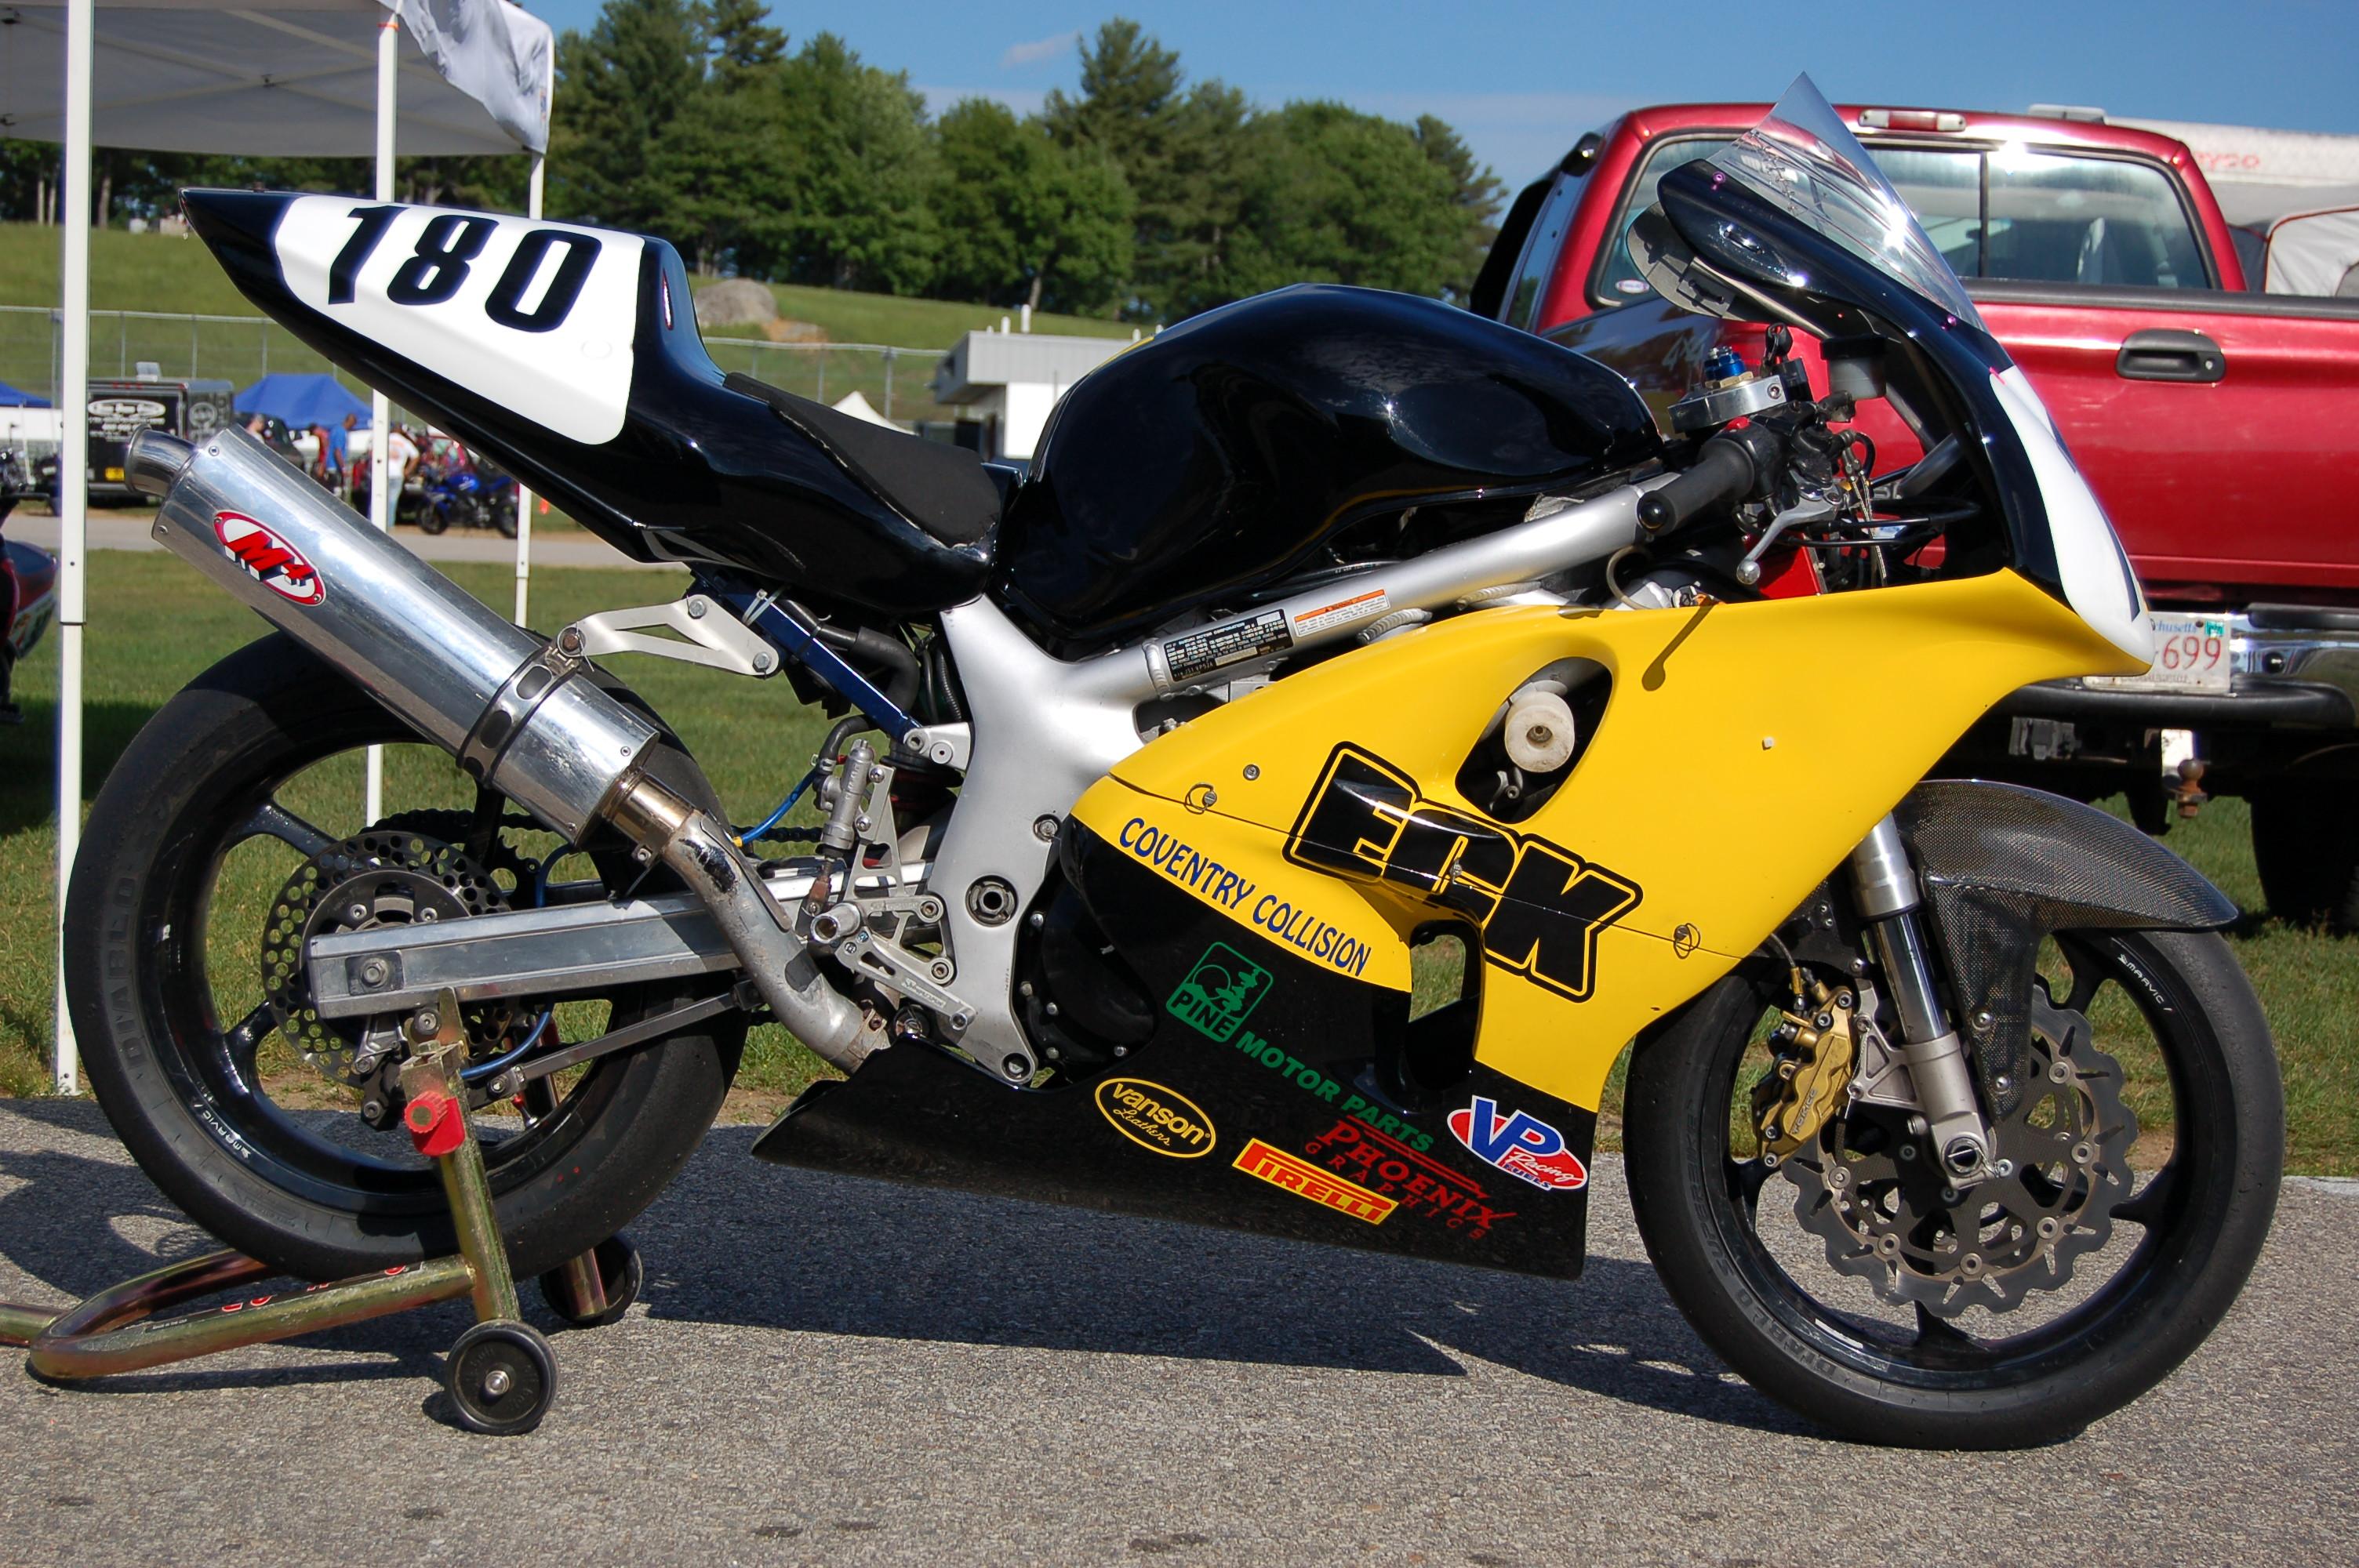 5 Modish 1st Gen Sv650s Lwt Racer